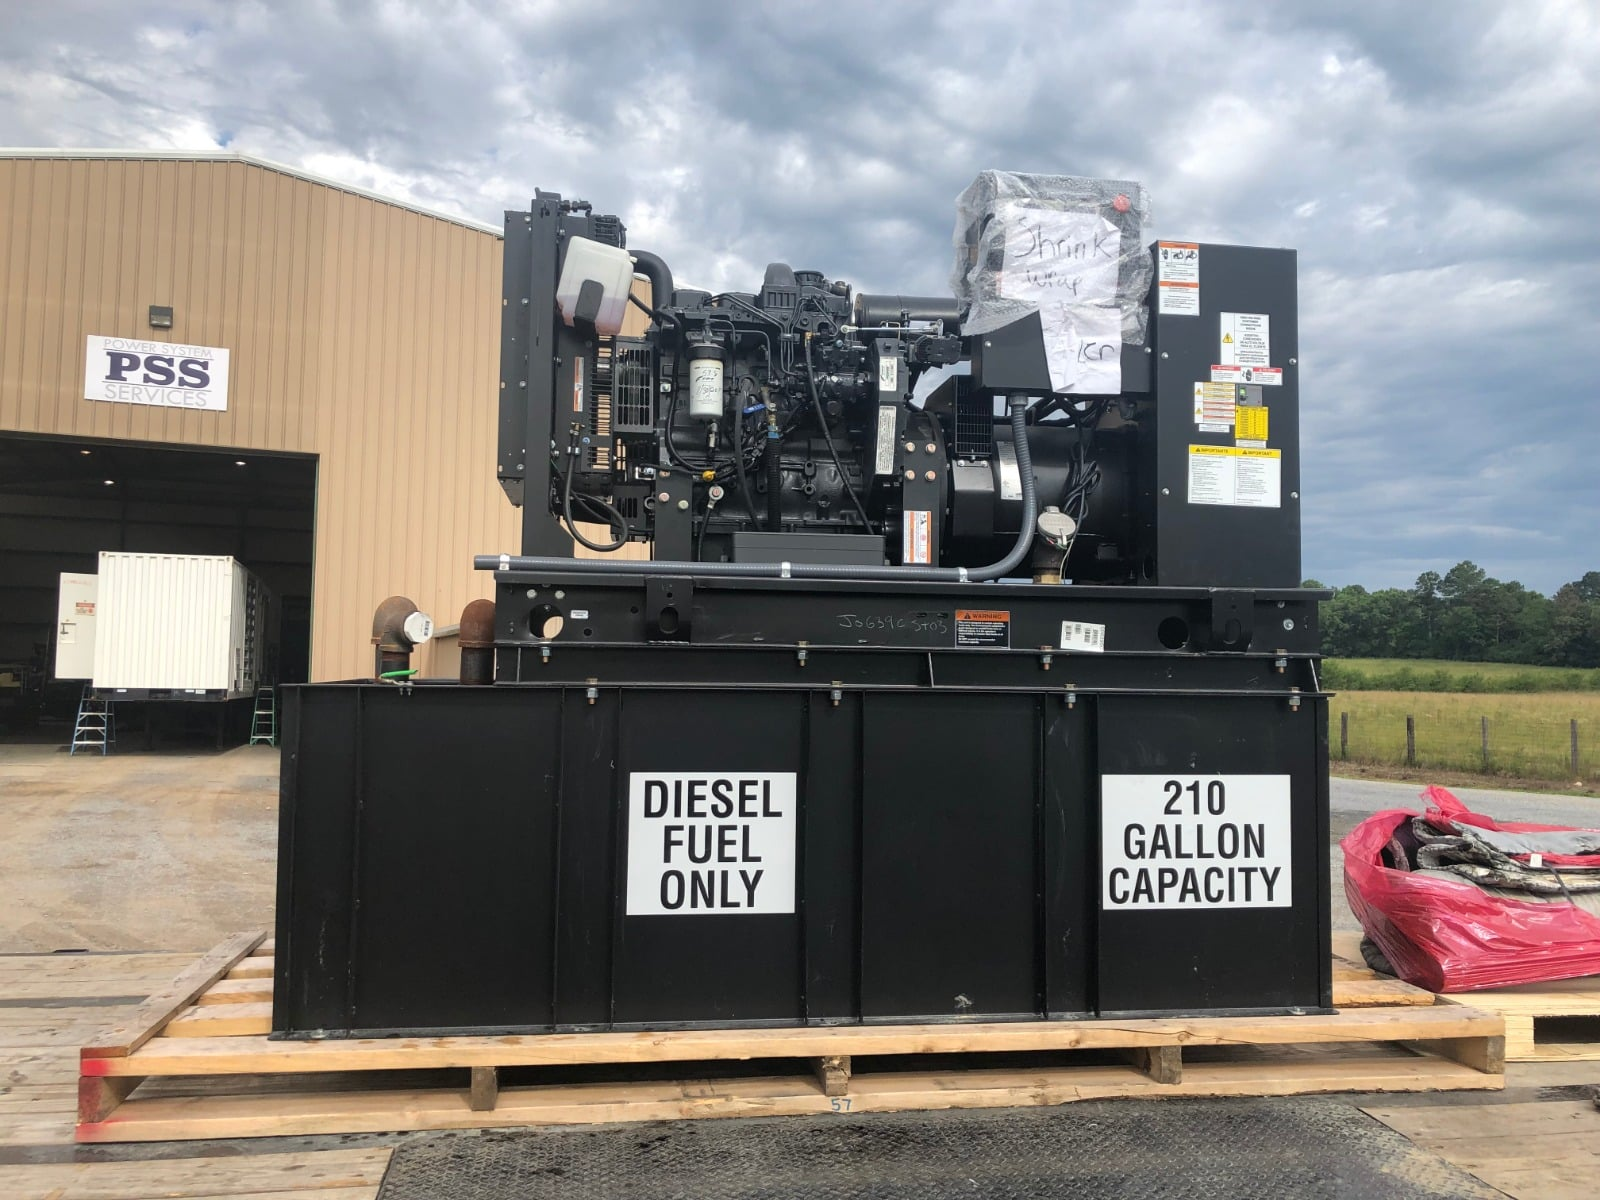 Used 50 kW Generac SD050 Diesel Generator